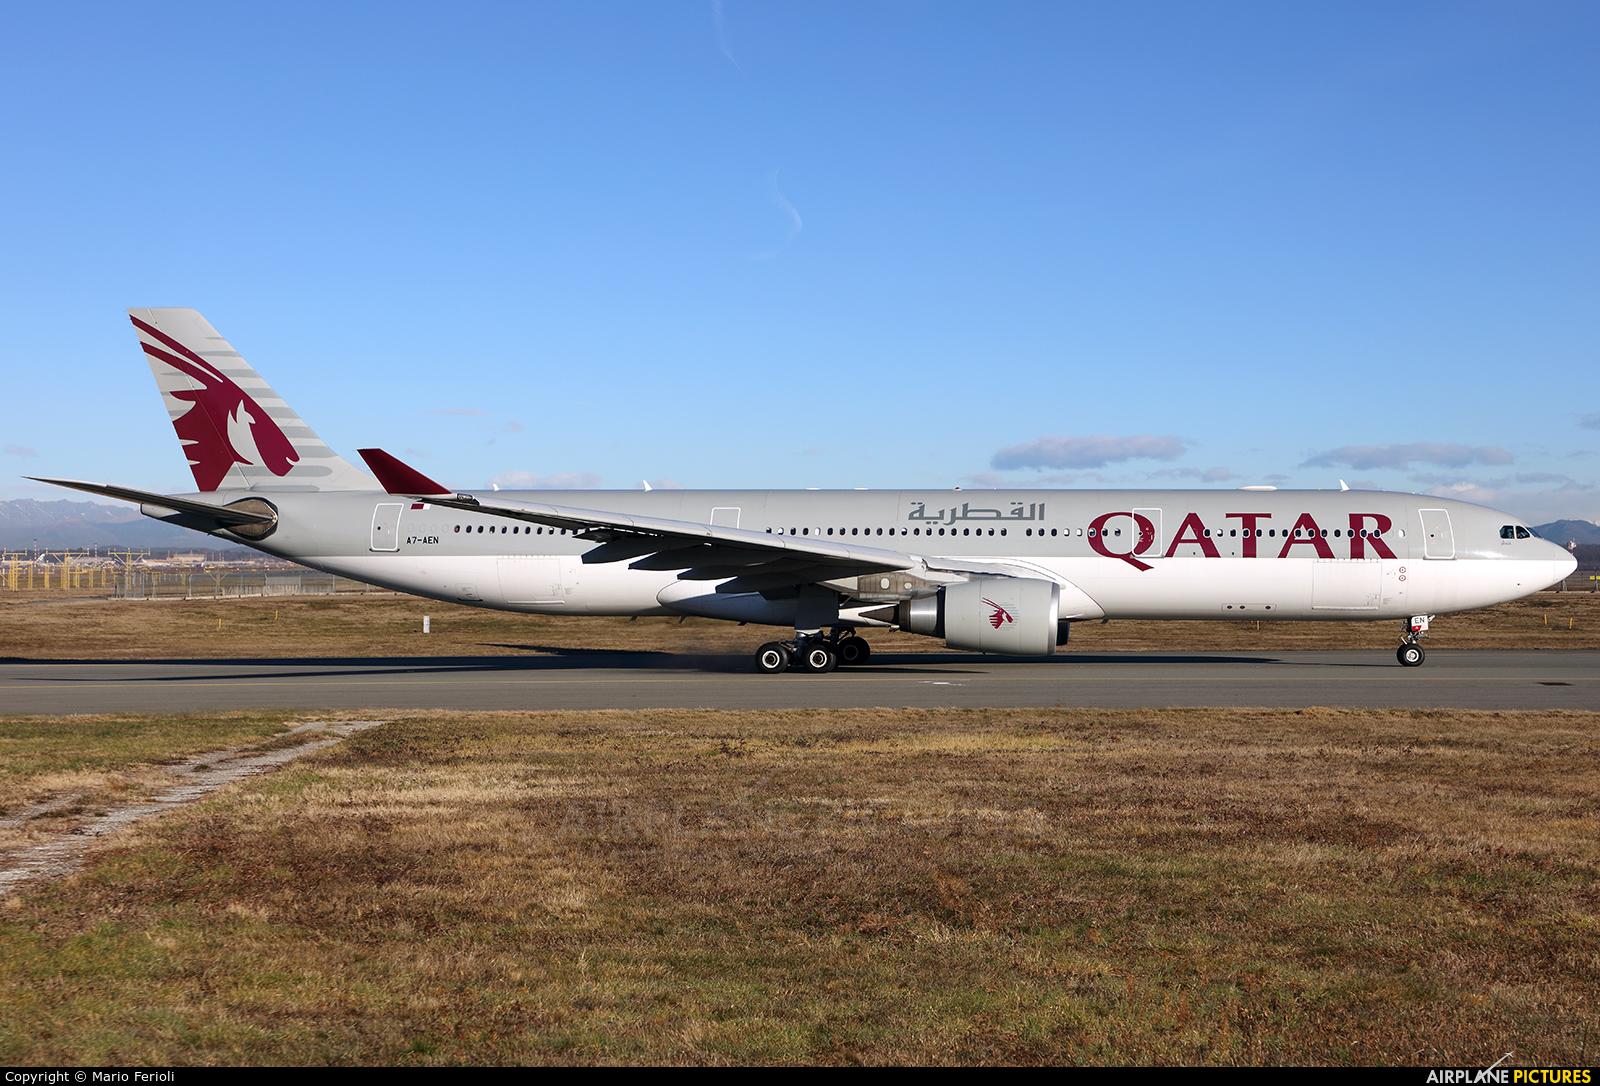 Qatar Airways A7-AEN aircraft at Milan - Malpensa